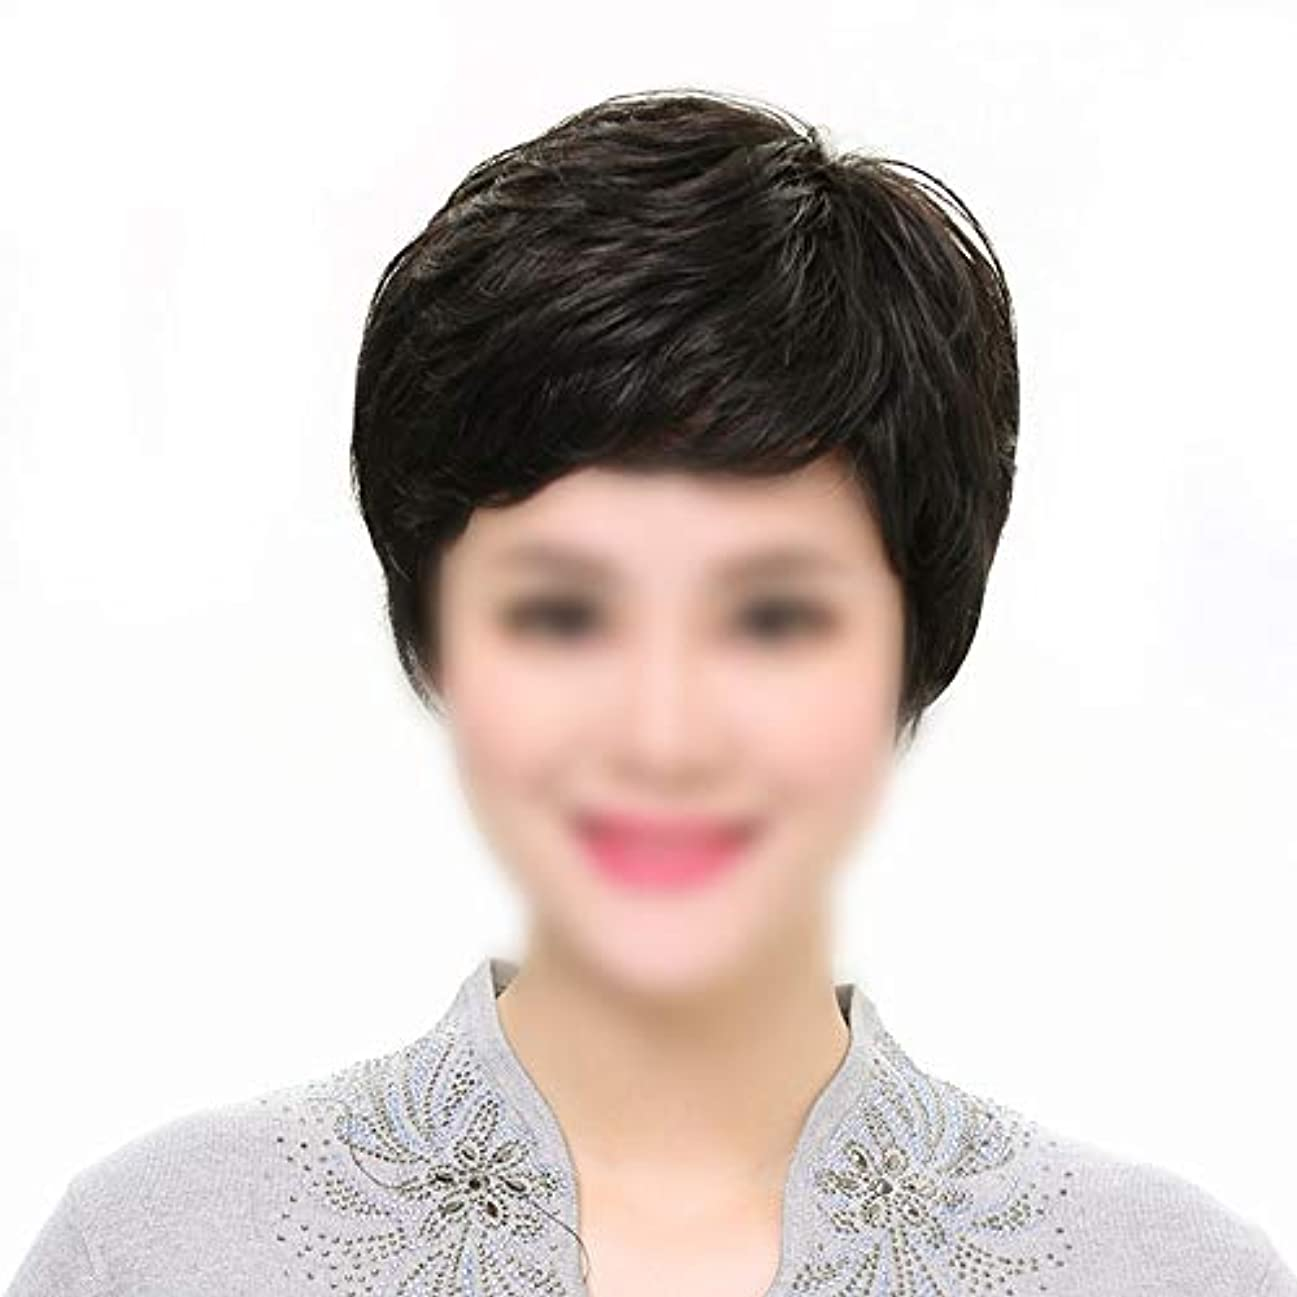 朝ごはん納得させるシンカンYOUQIU 母のギフト中東や旧かつらかつらかつら女子ショートウェービーヘアリアルタイム髪 (色 : Natural black, サイズ : Hand-needle)